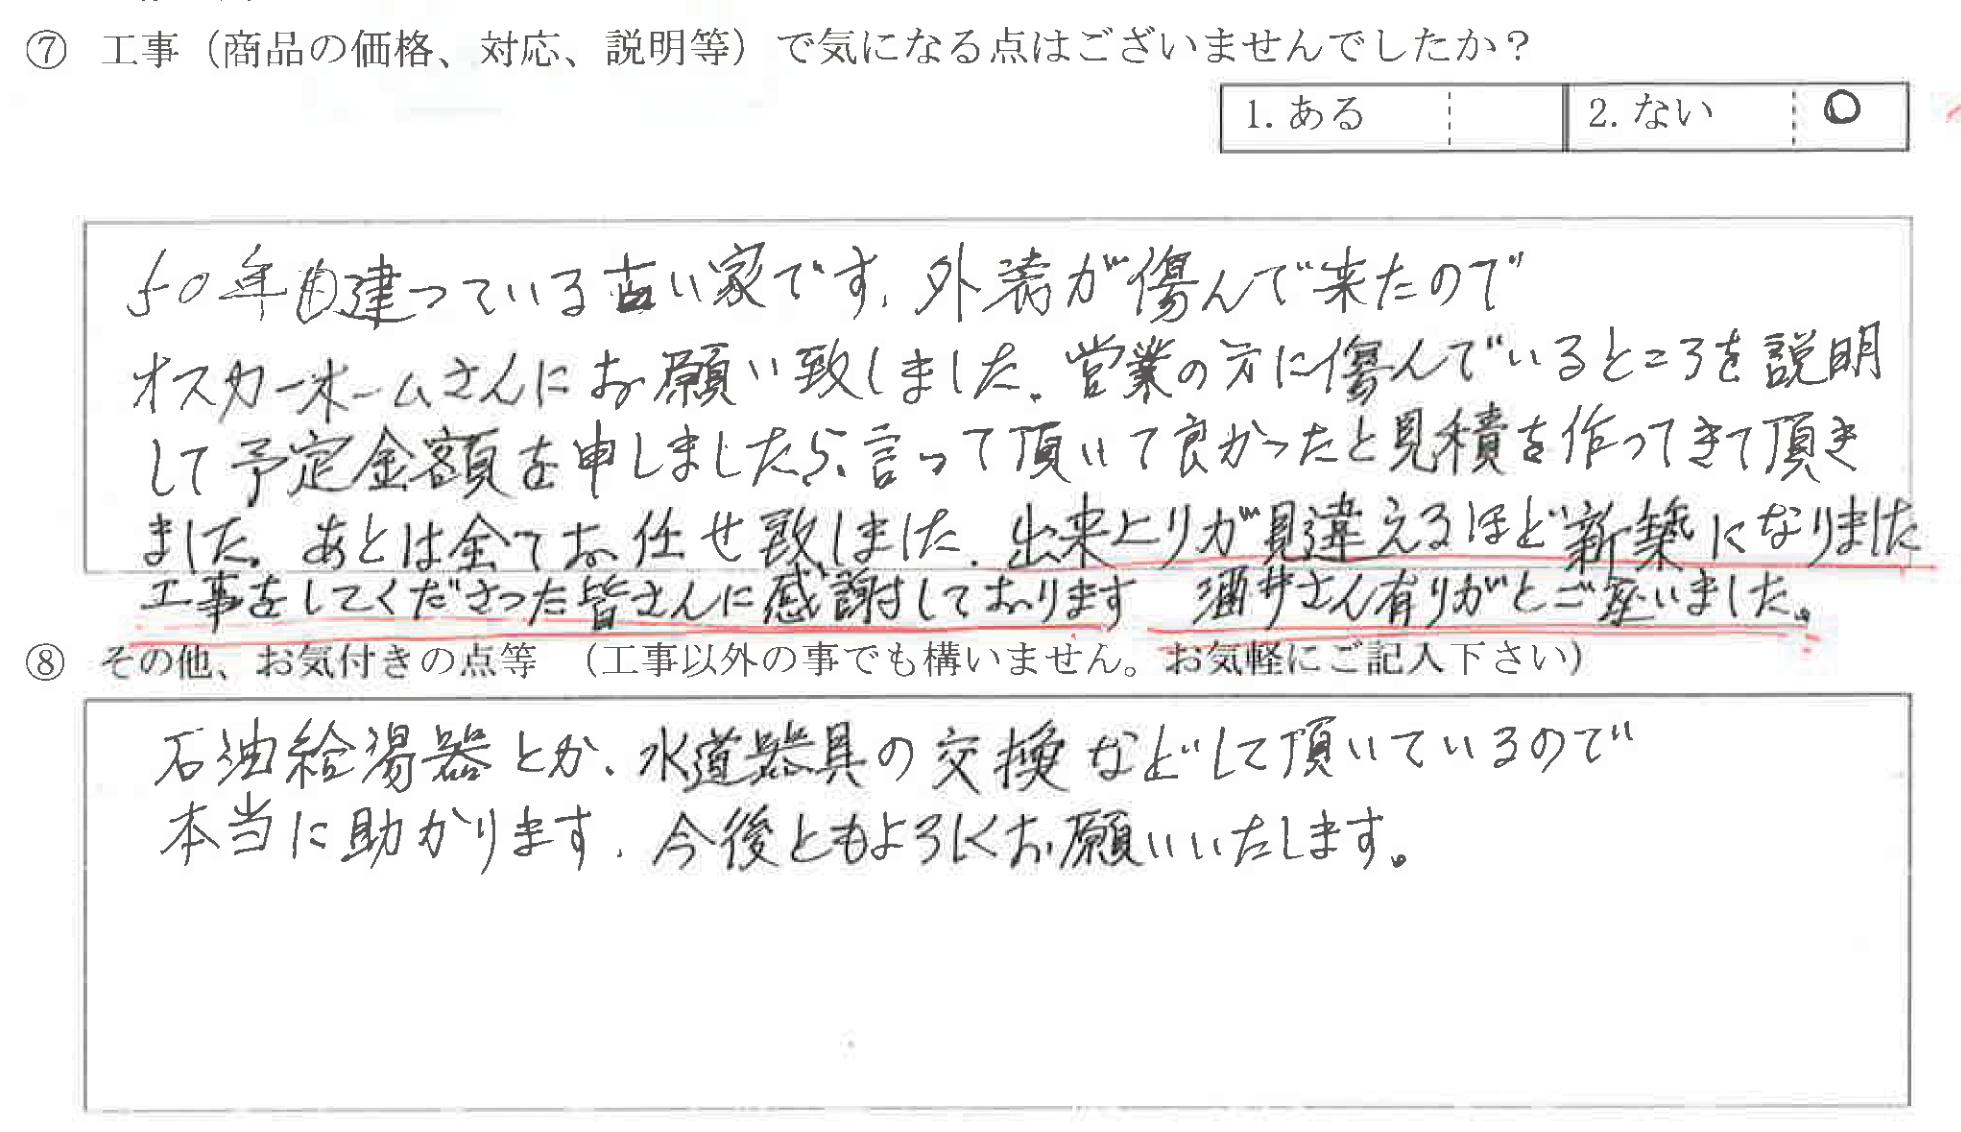 富山県中新川郡 O様に頂いた外壁板金重ね貼り工事についてのお気づきの点がありましたら、お聞かせ下さい。というご質問について「外壁板金重ね貼り工事【  お喜びの声  】」というお声についての画像